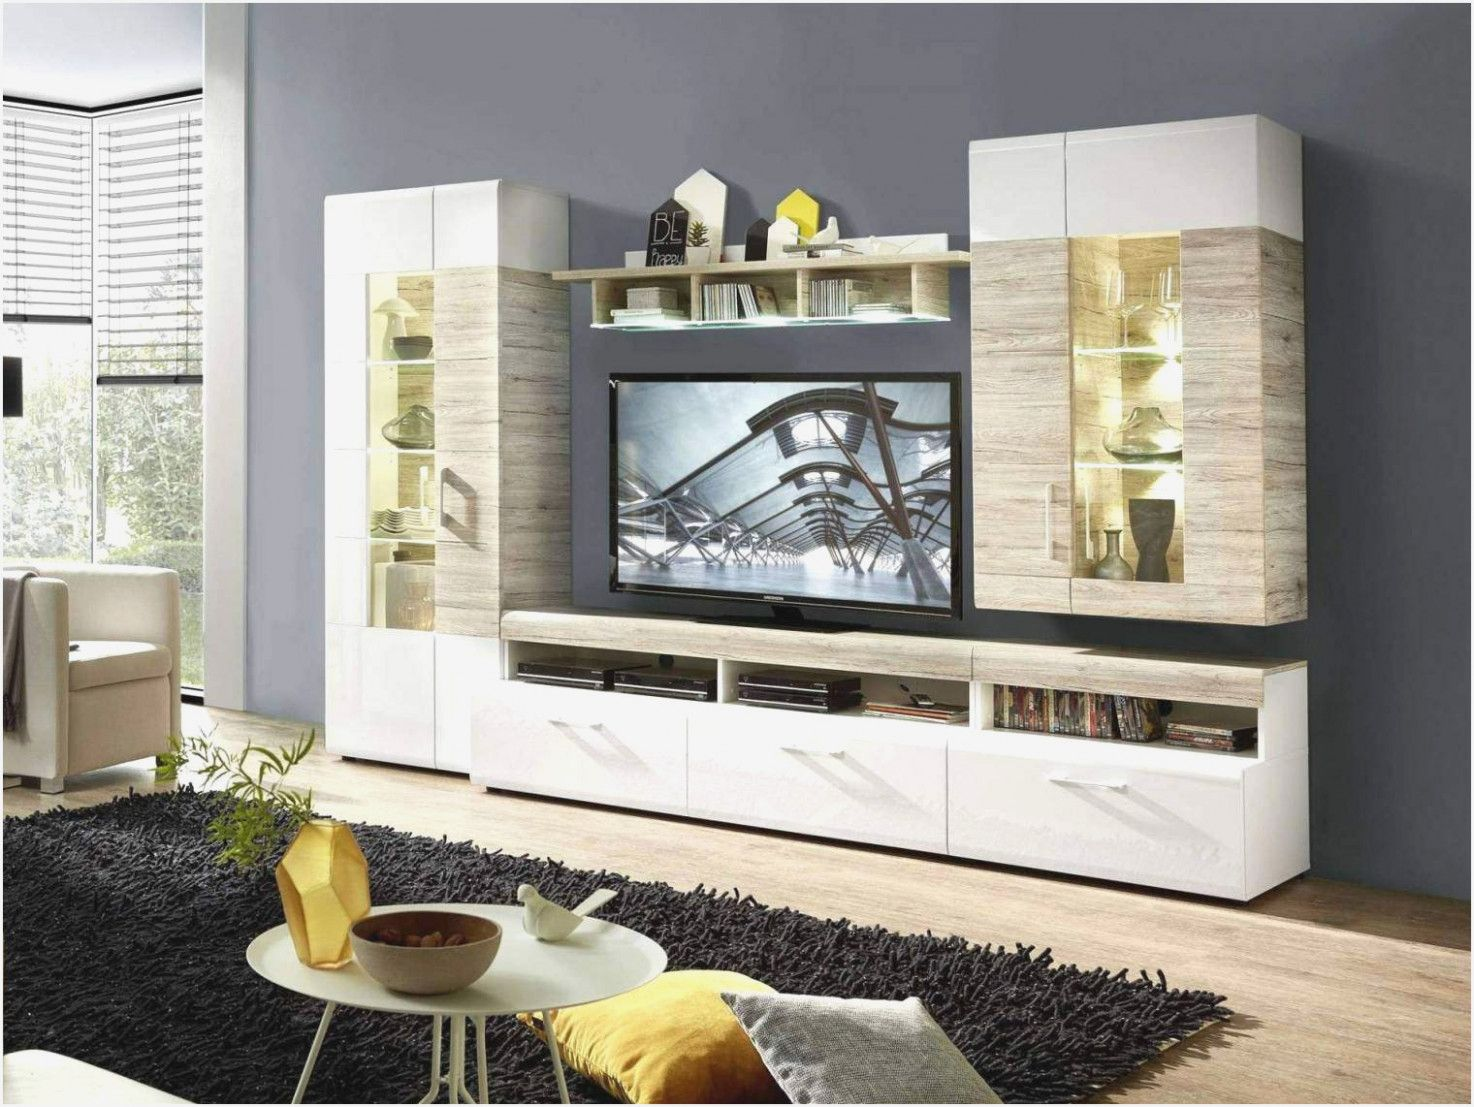 9 Wohnzimmerschrank Dekoration  Wohnzimmerschränke, Möbel